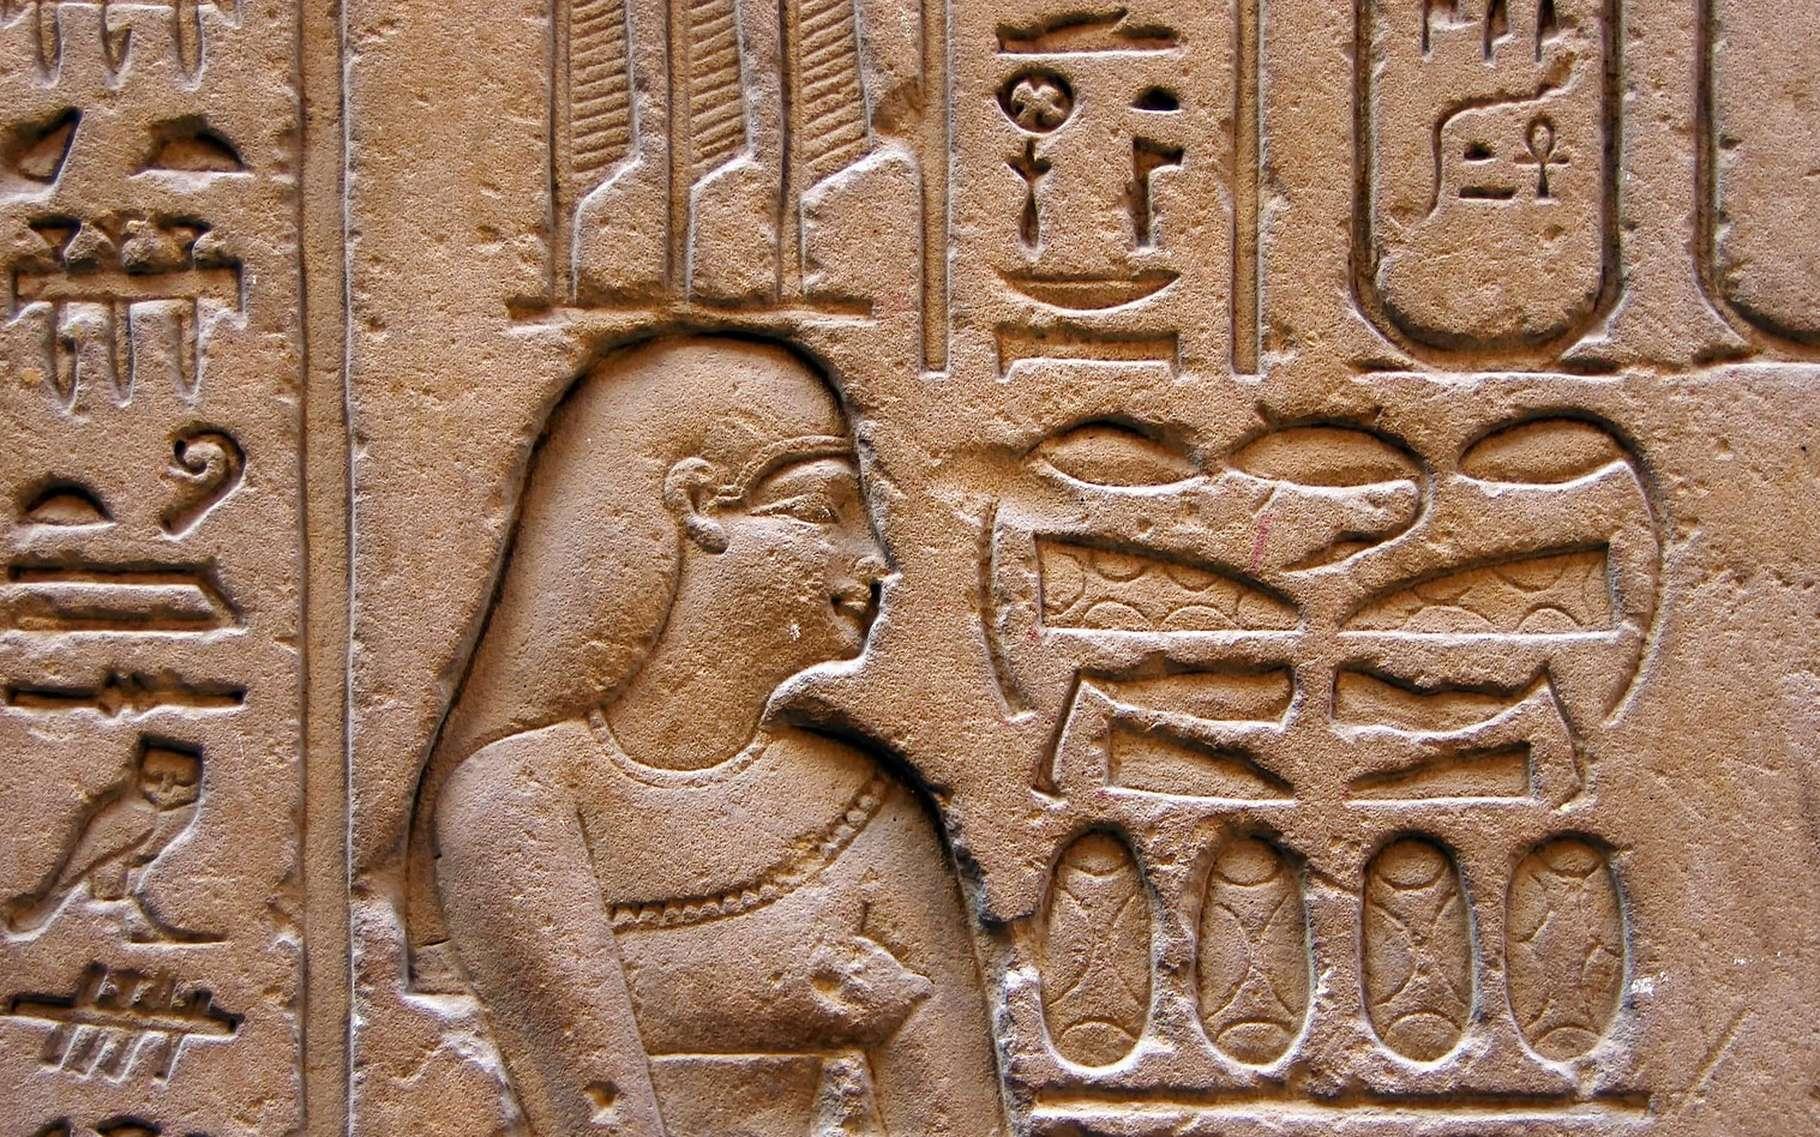 Les hiéroglyphes, une écriture figurative. © Dezalb, Pixabay, DP